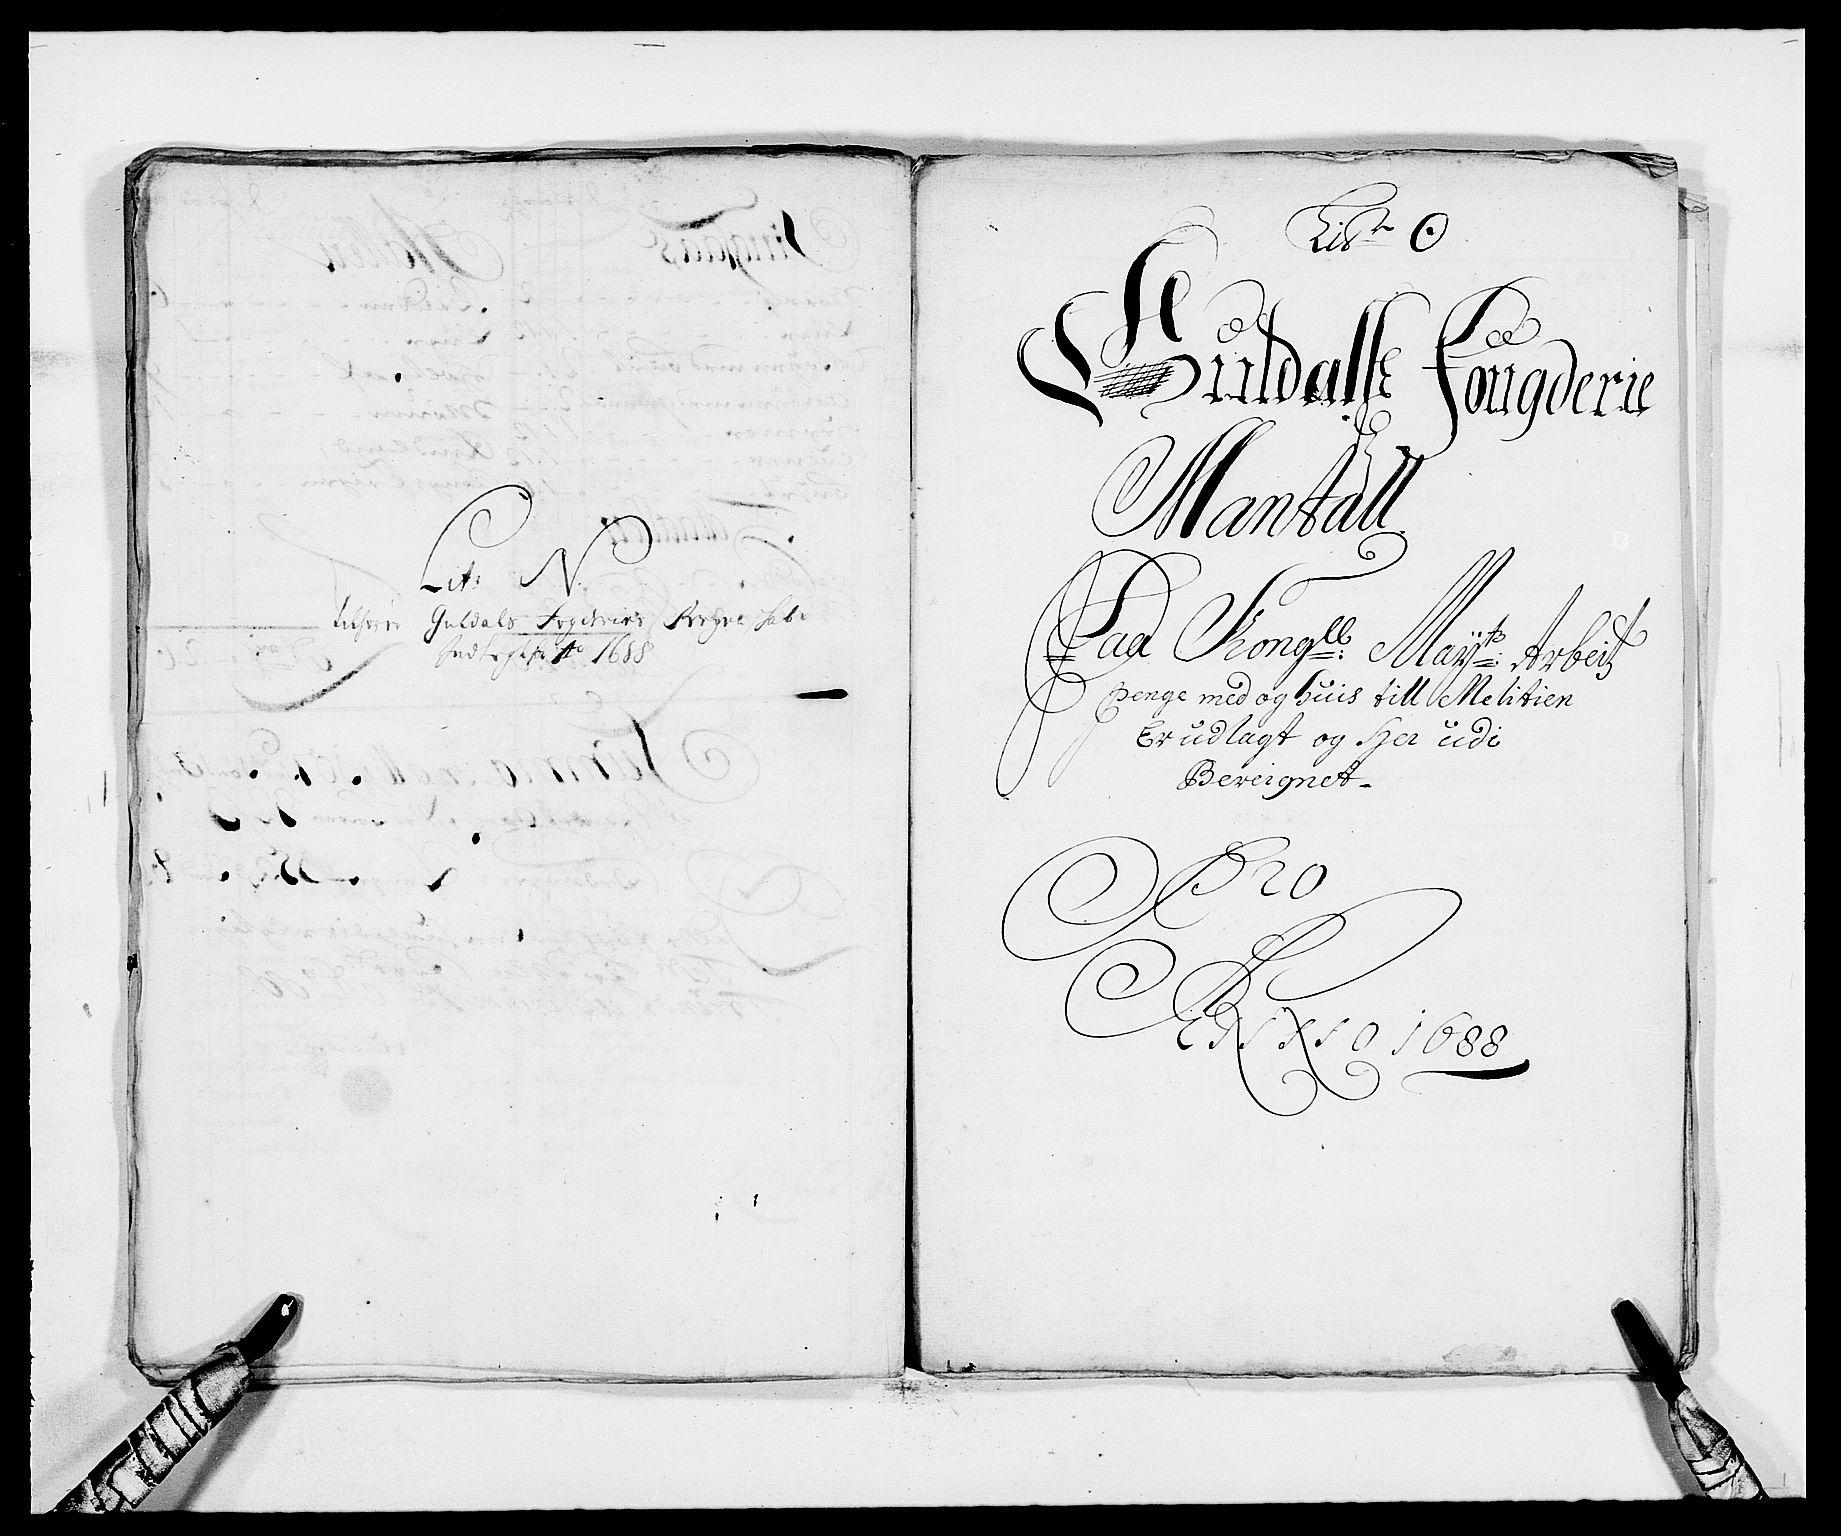 RA, Rentekammeret inntil 1814, Reviderte regnskaper, Fogderegnskap, R59/L3939: Fogderegnskap Gauldal, 1687-1688, s. 277